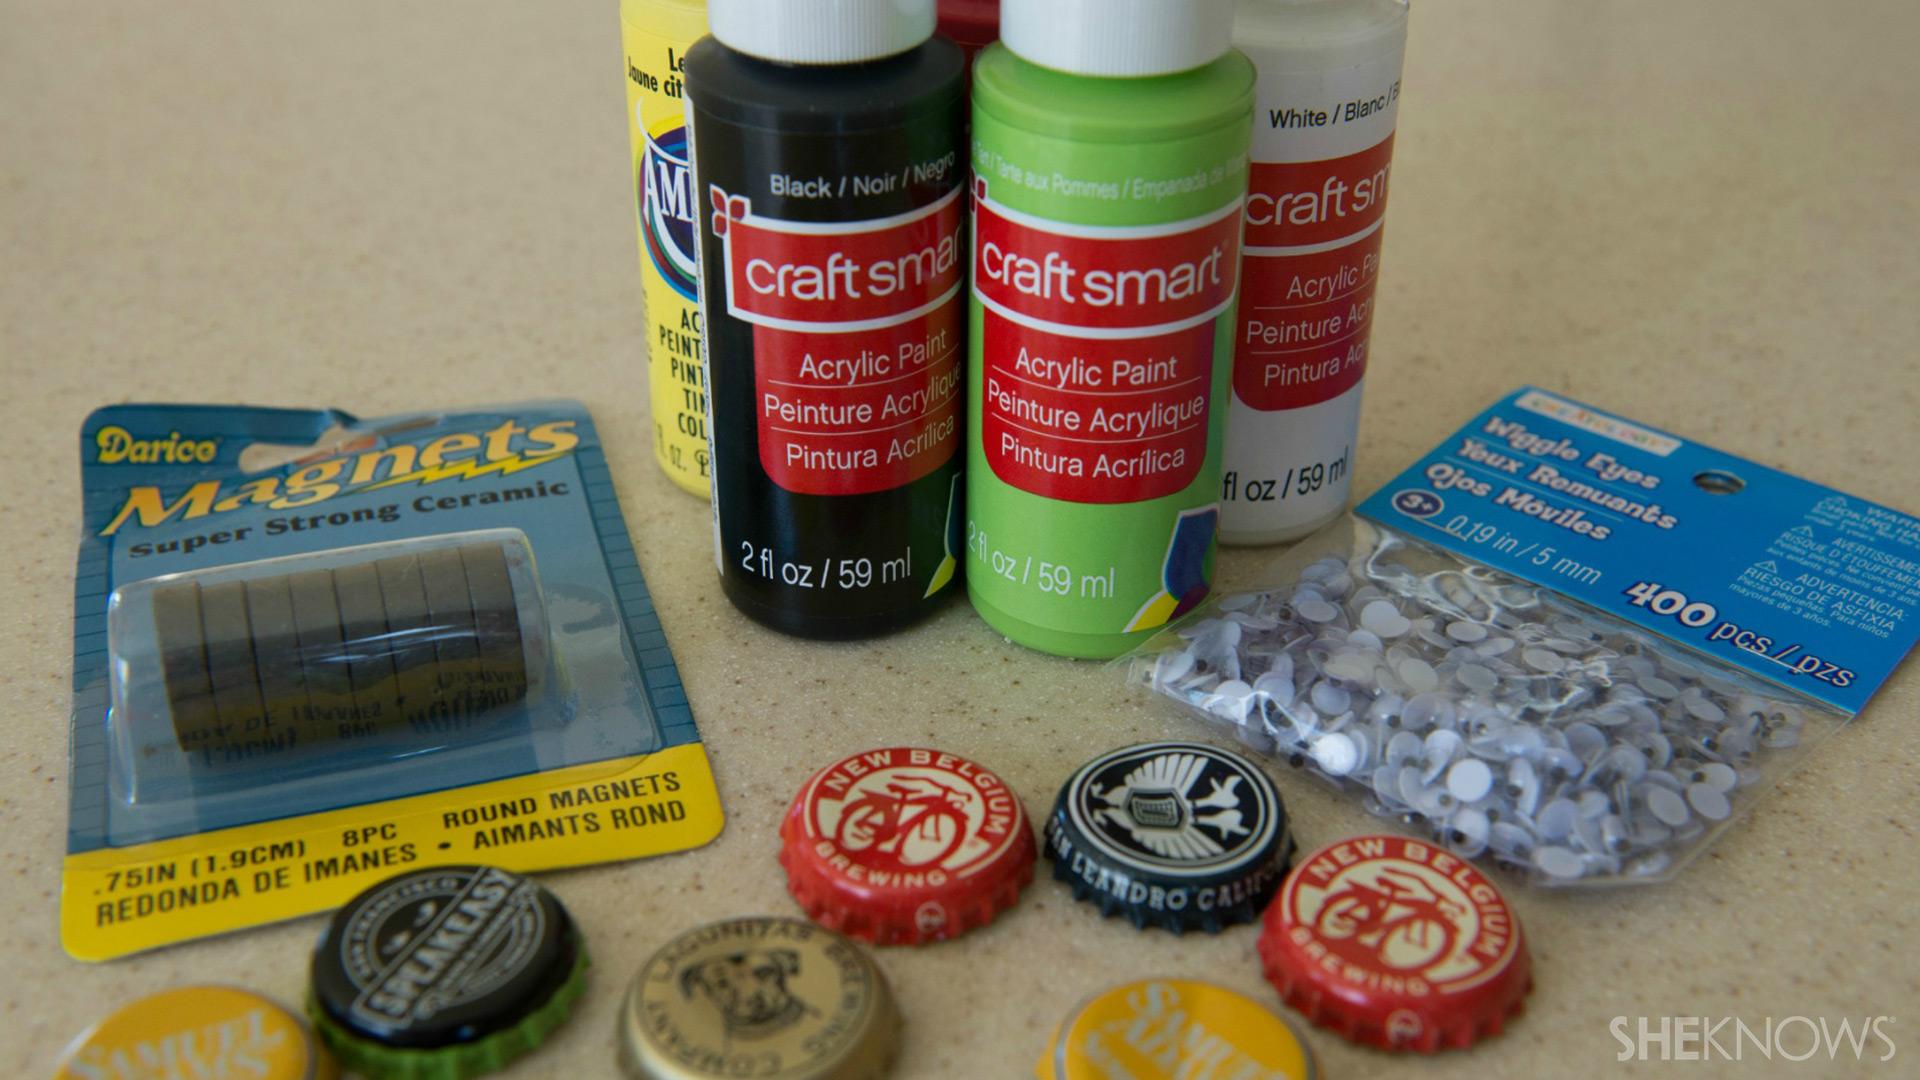 Bottle cap magnets | Sheknows.com - supplies